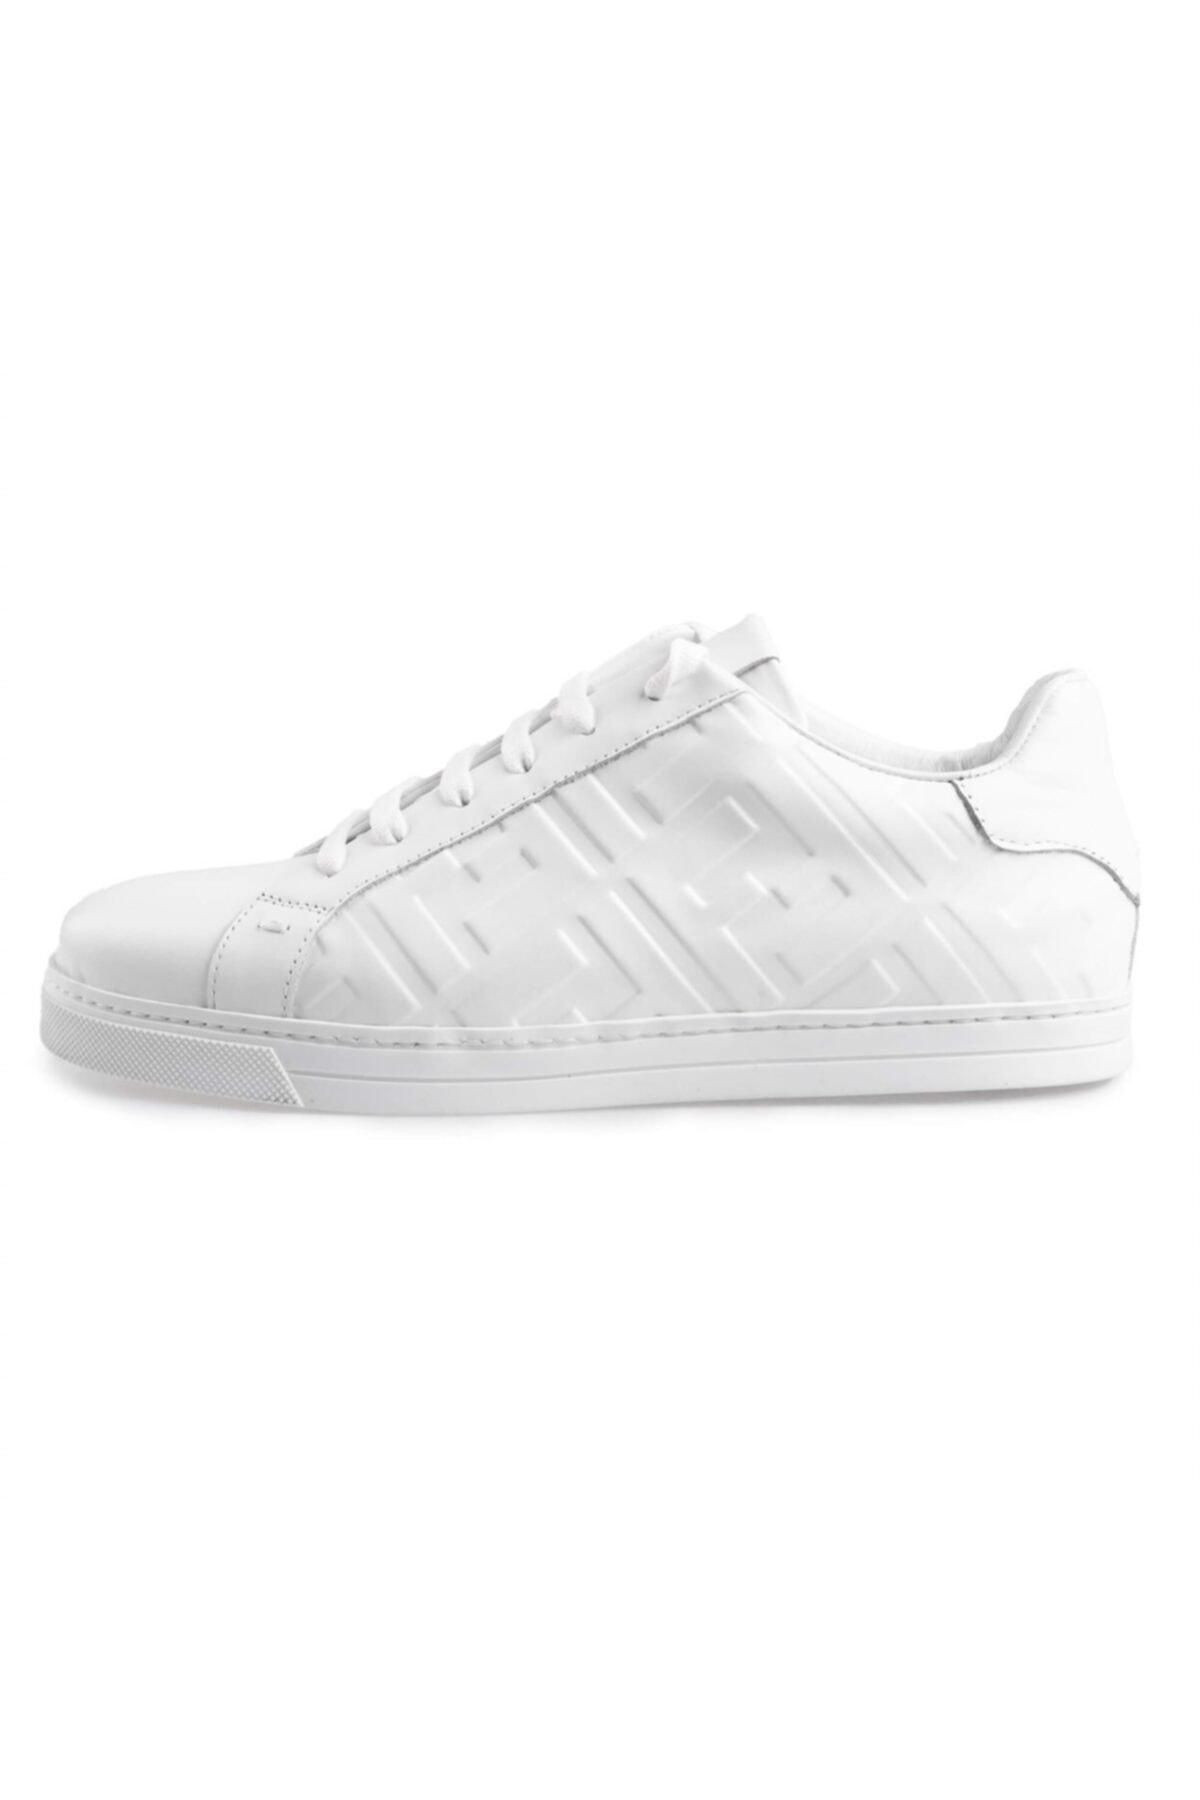 Flower Erkek Beyaz Deri Baskılı  Sneakers 1